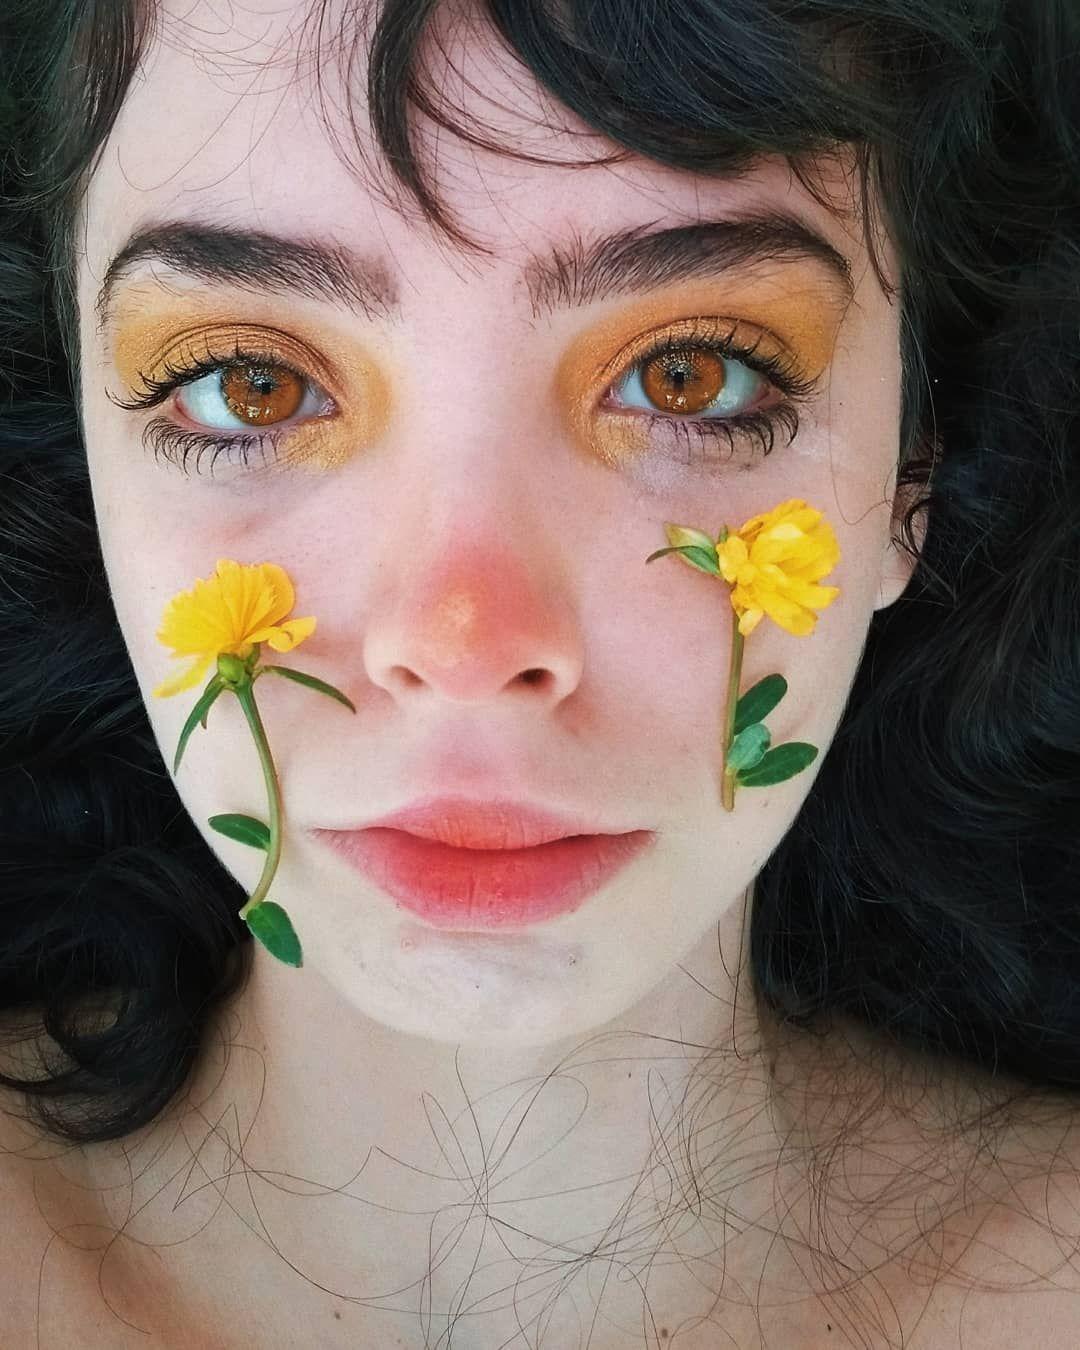 Aesthetic Girl No Face Shadow